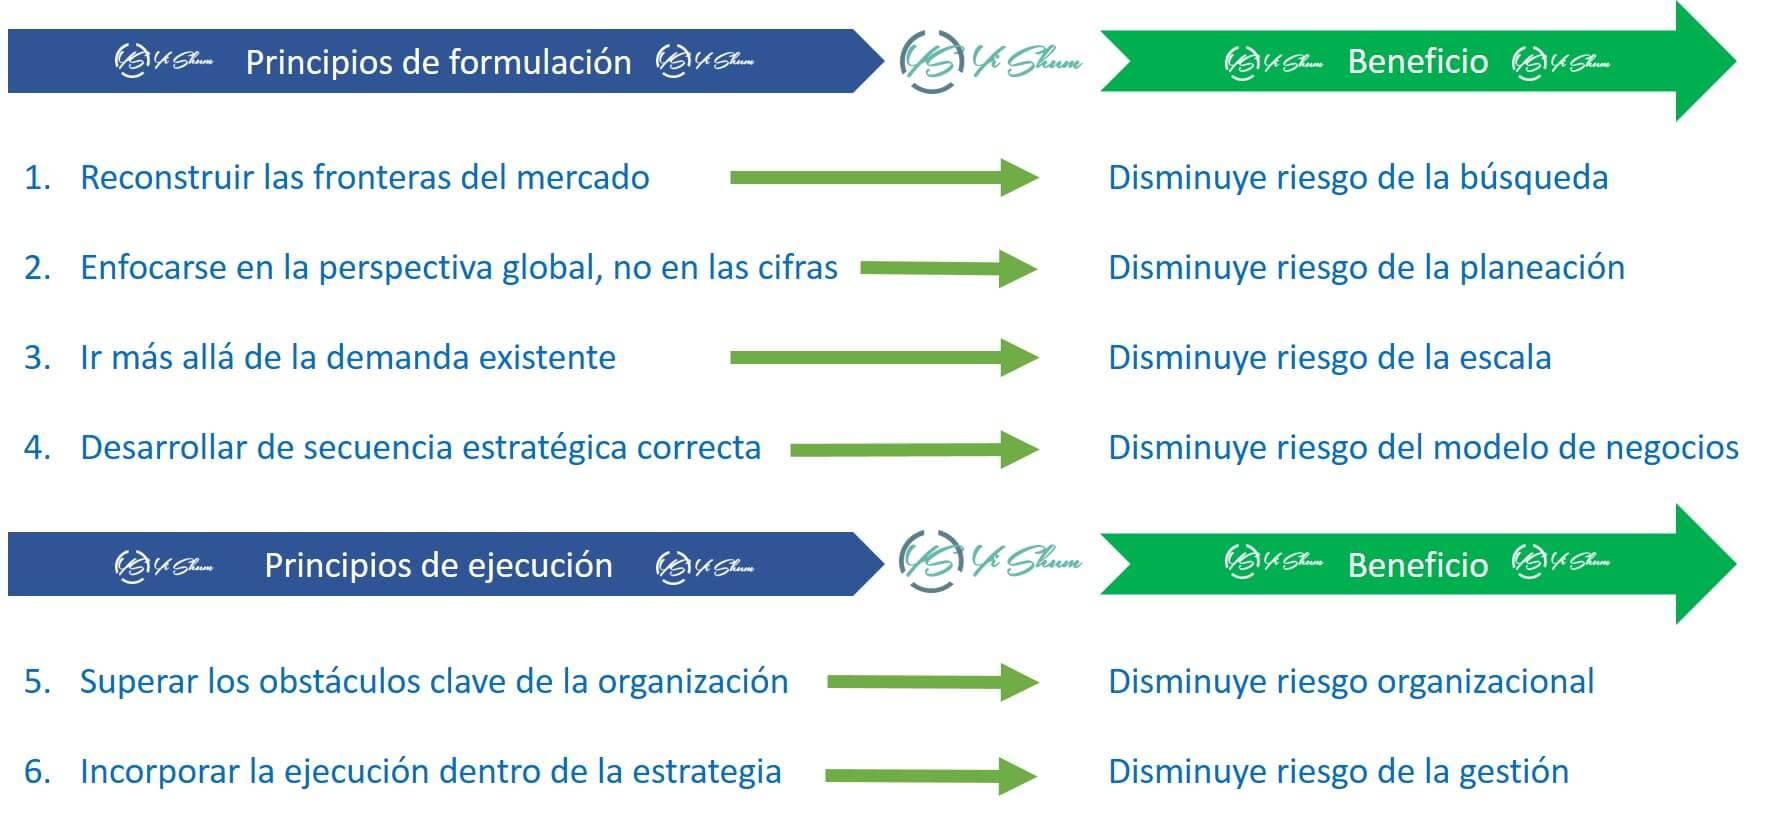 principios de formulación y ejecución imagen